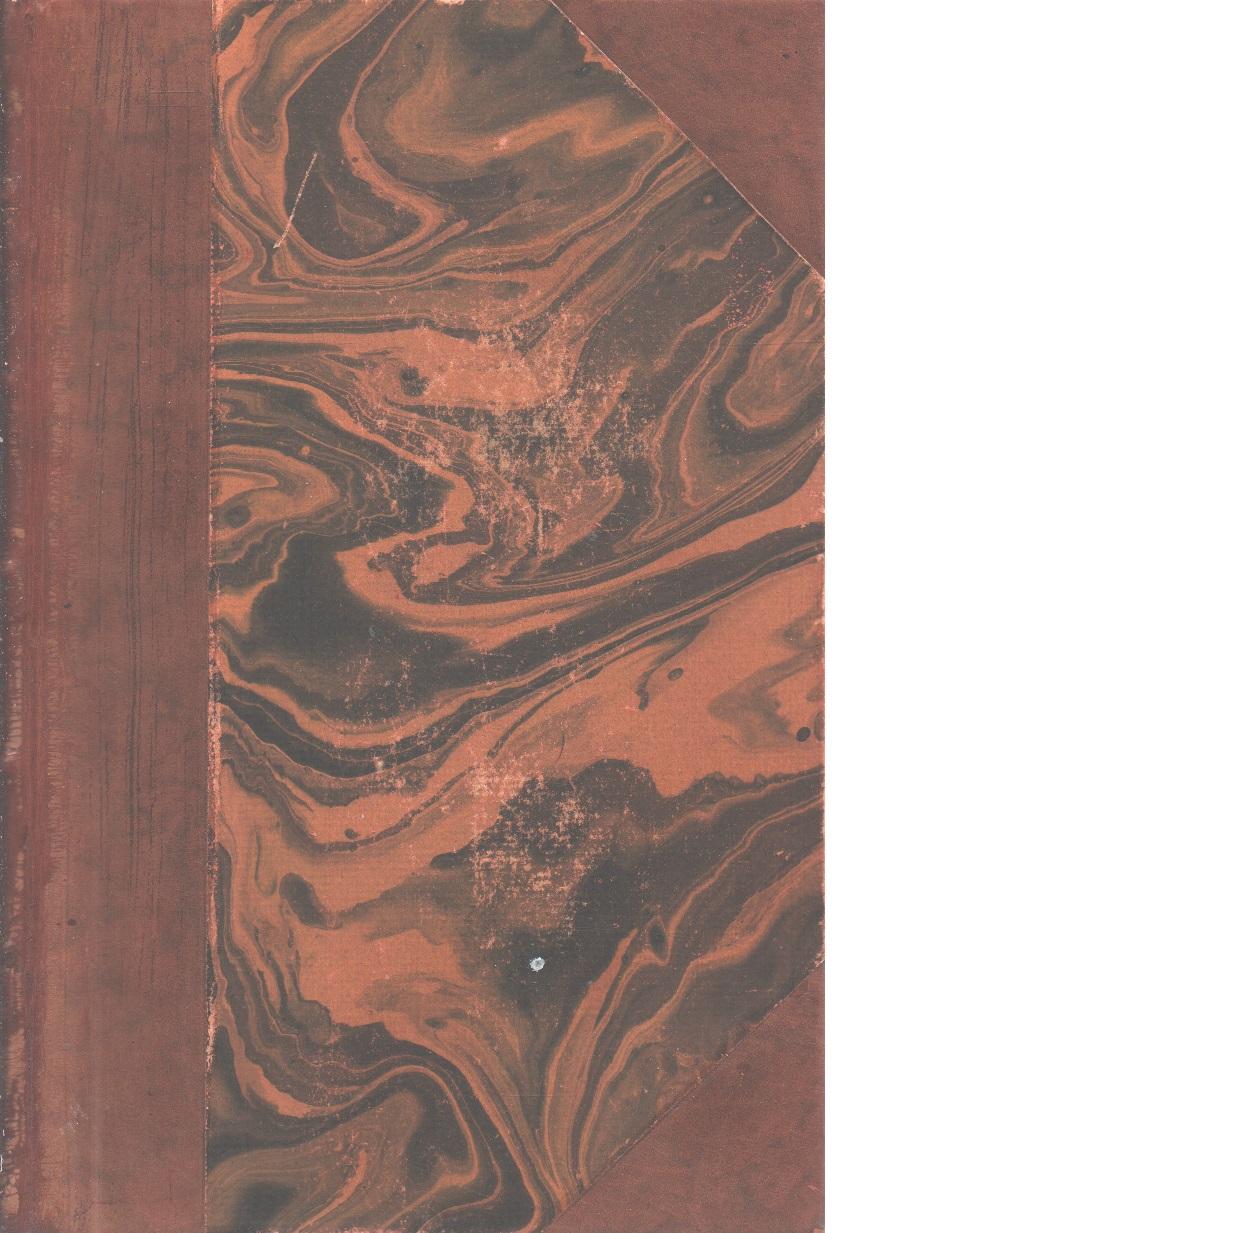 På skidor : Skid- och friluftsfrämjandets årsbok. Årsbok 1928 - Skid- och friluftsfrämjandet